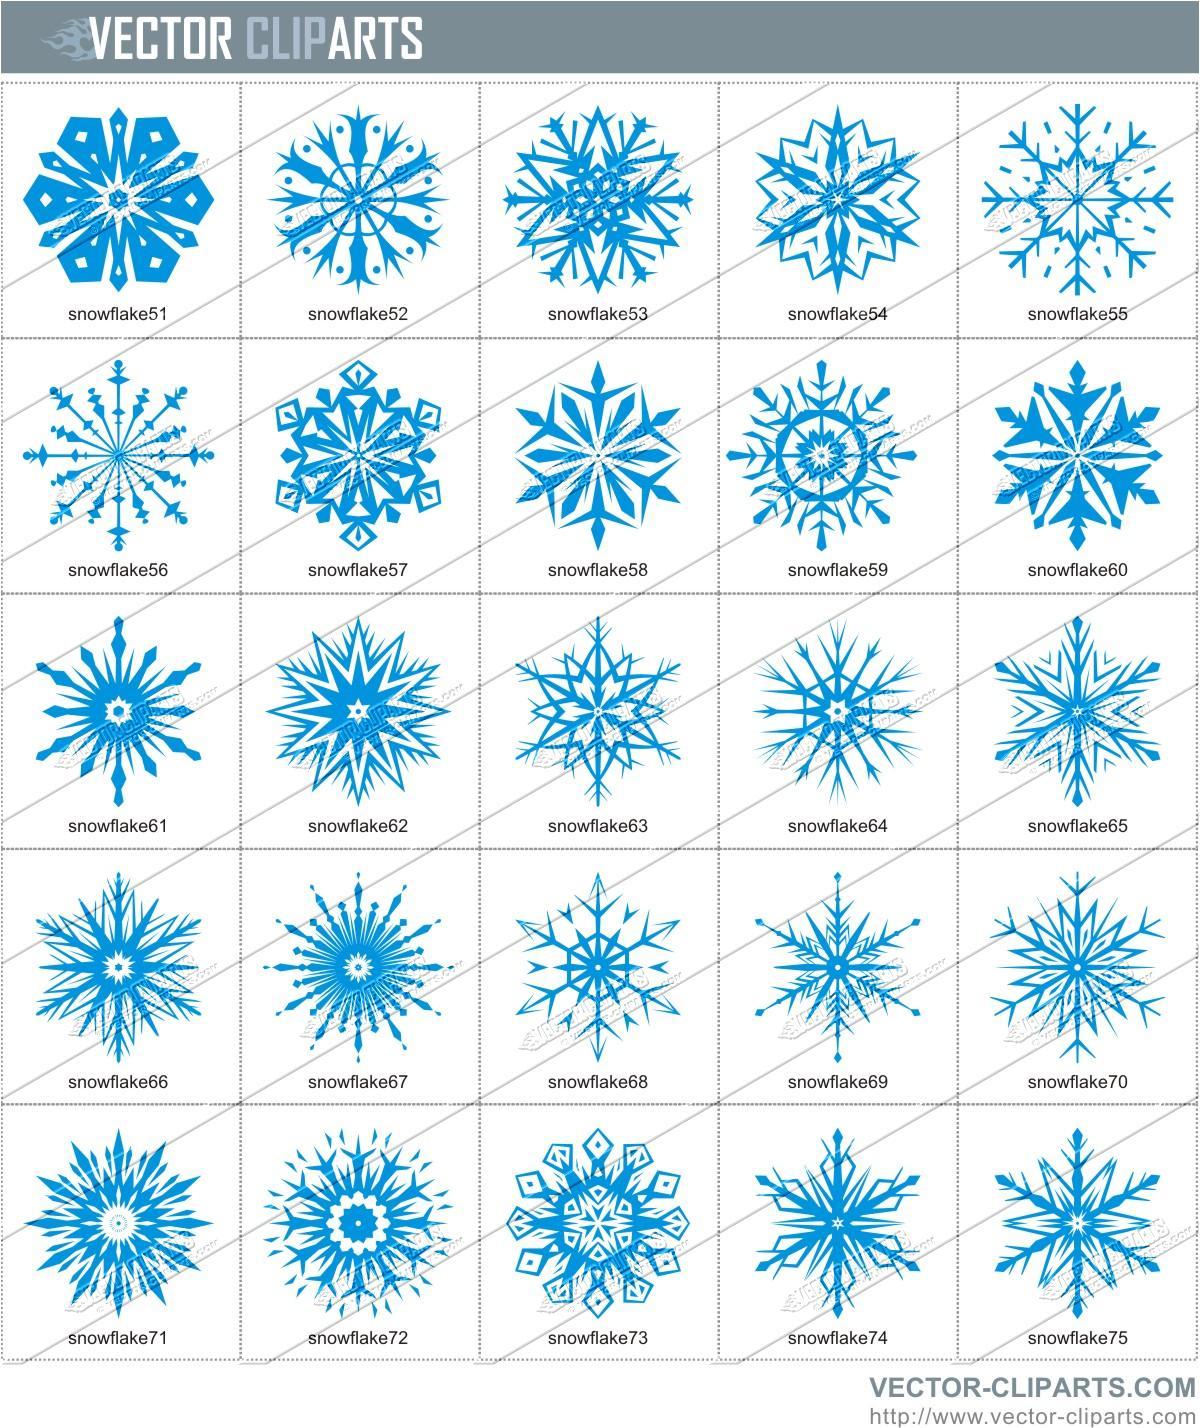 Snow clipart simple snowflake Snowflakes Snowflakes ready III Flakes